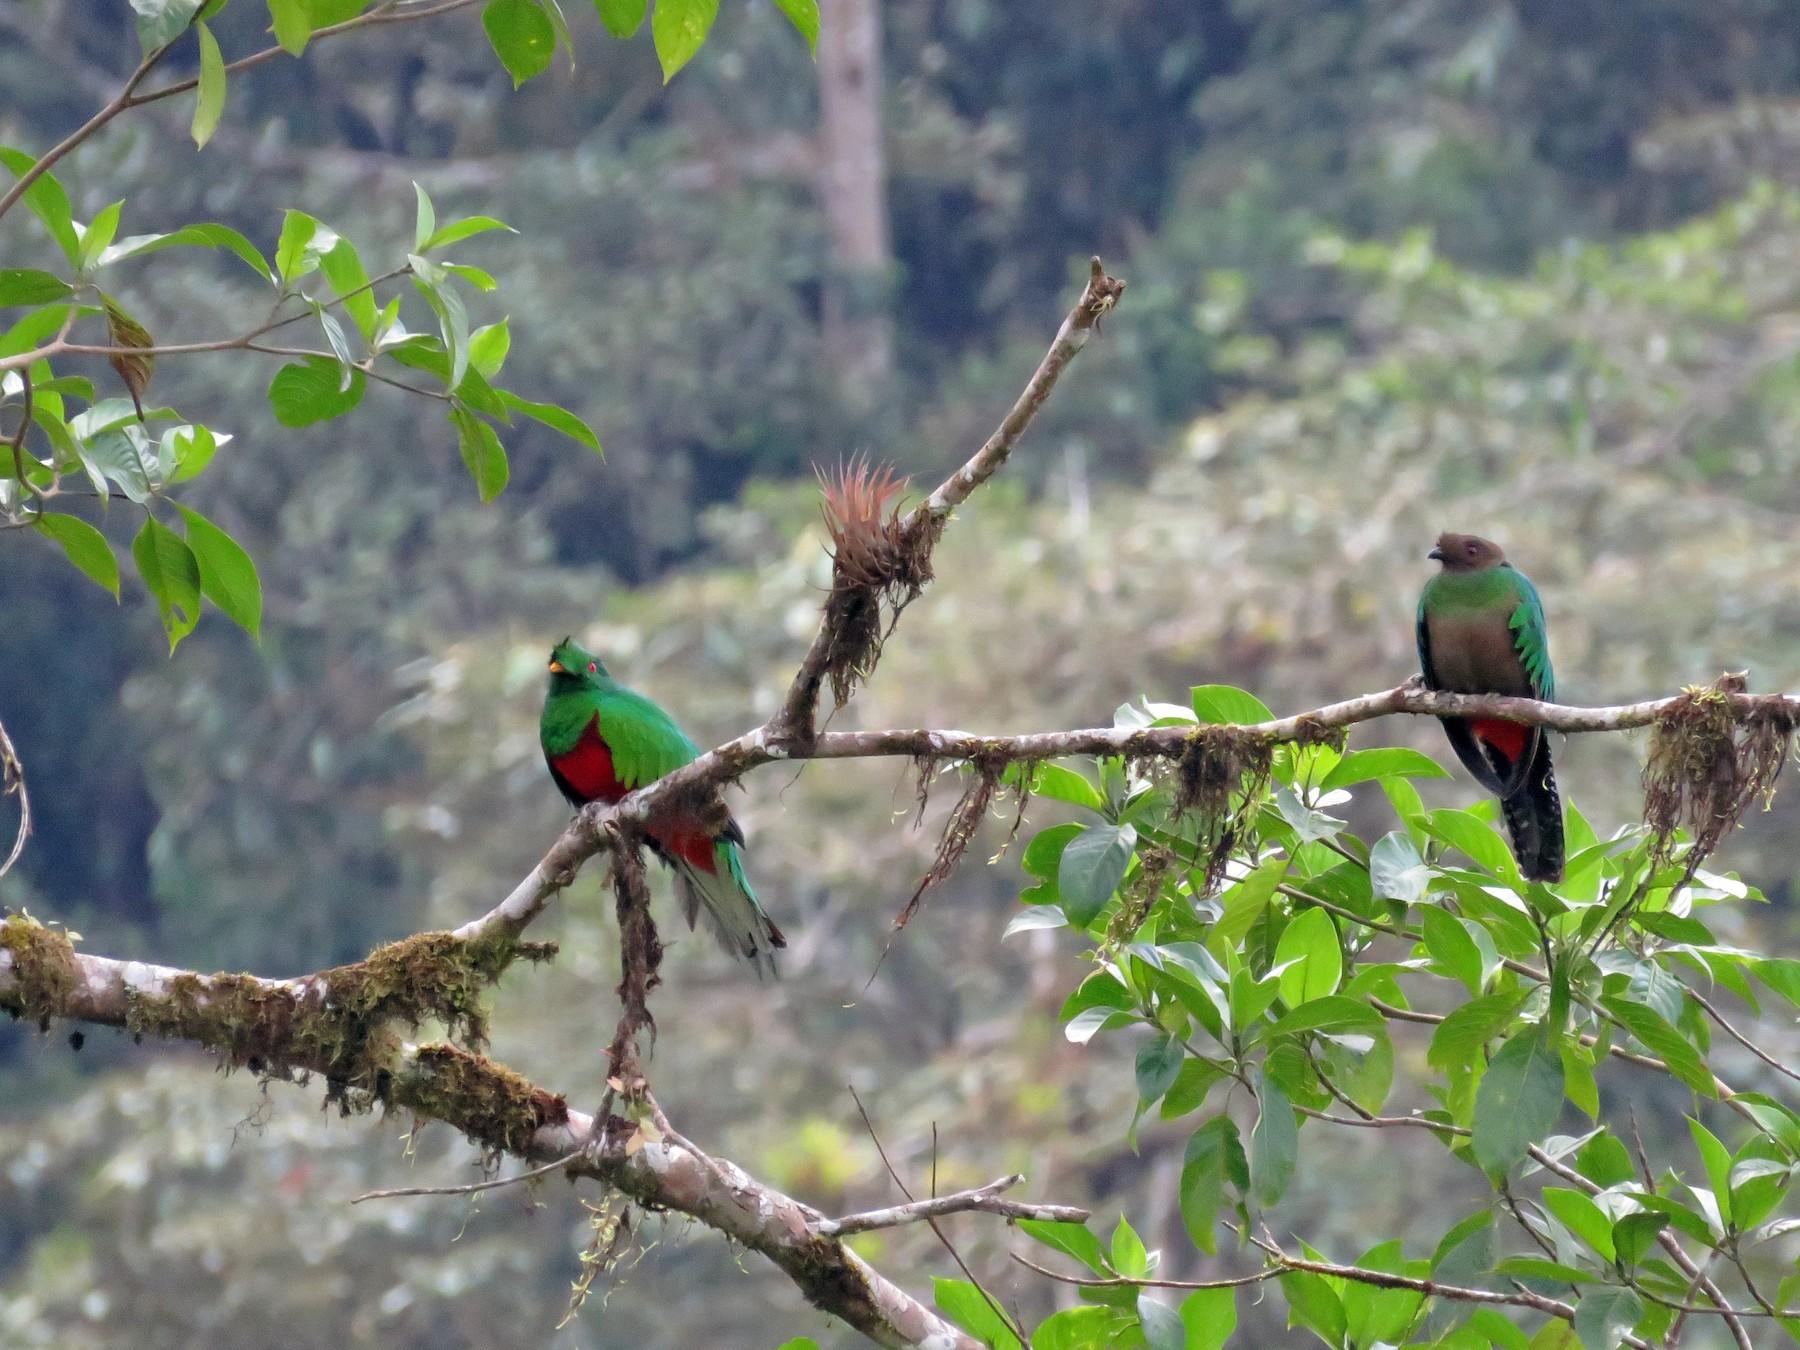 Crested Quetzal - Juan Pablo Arboleda